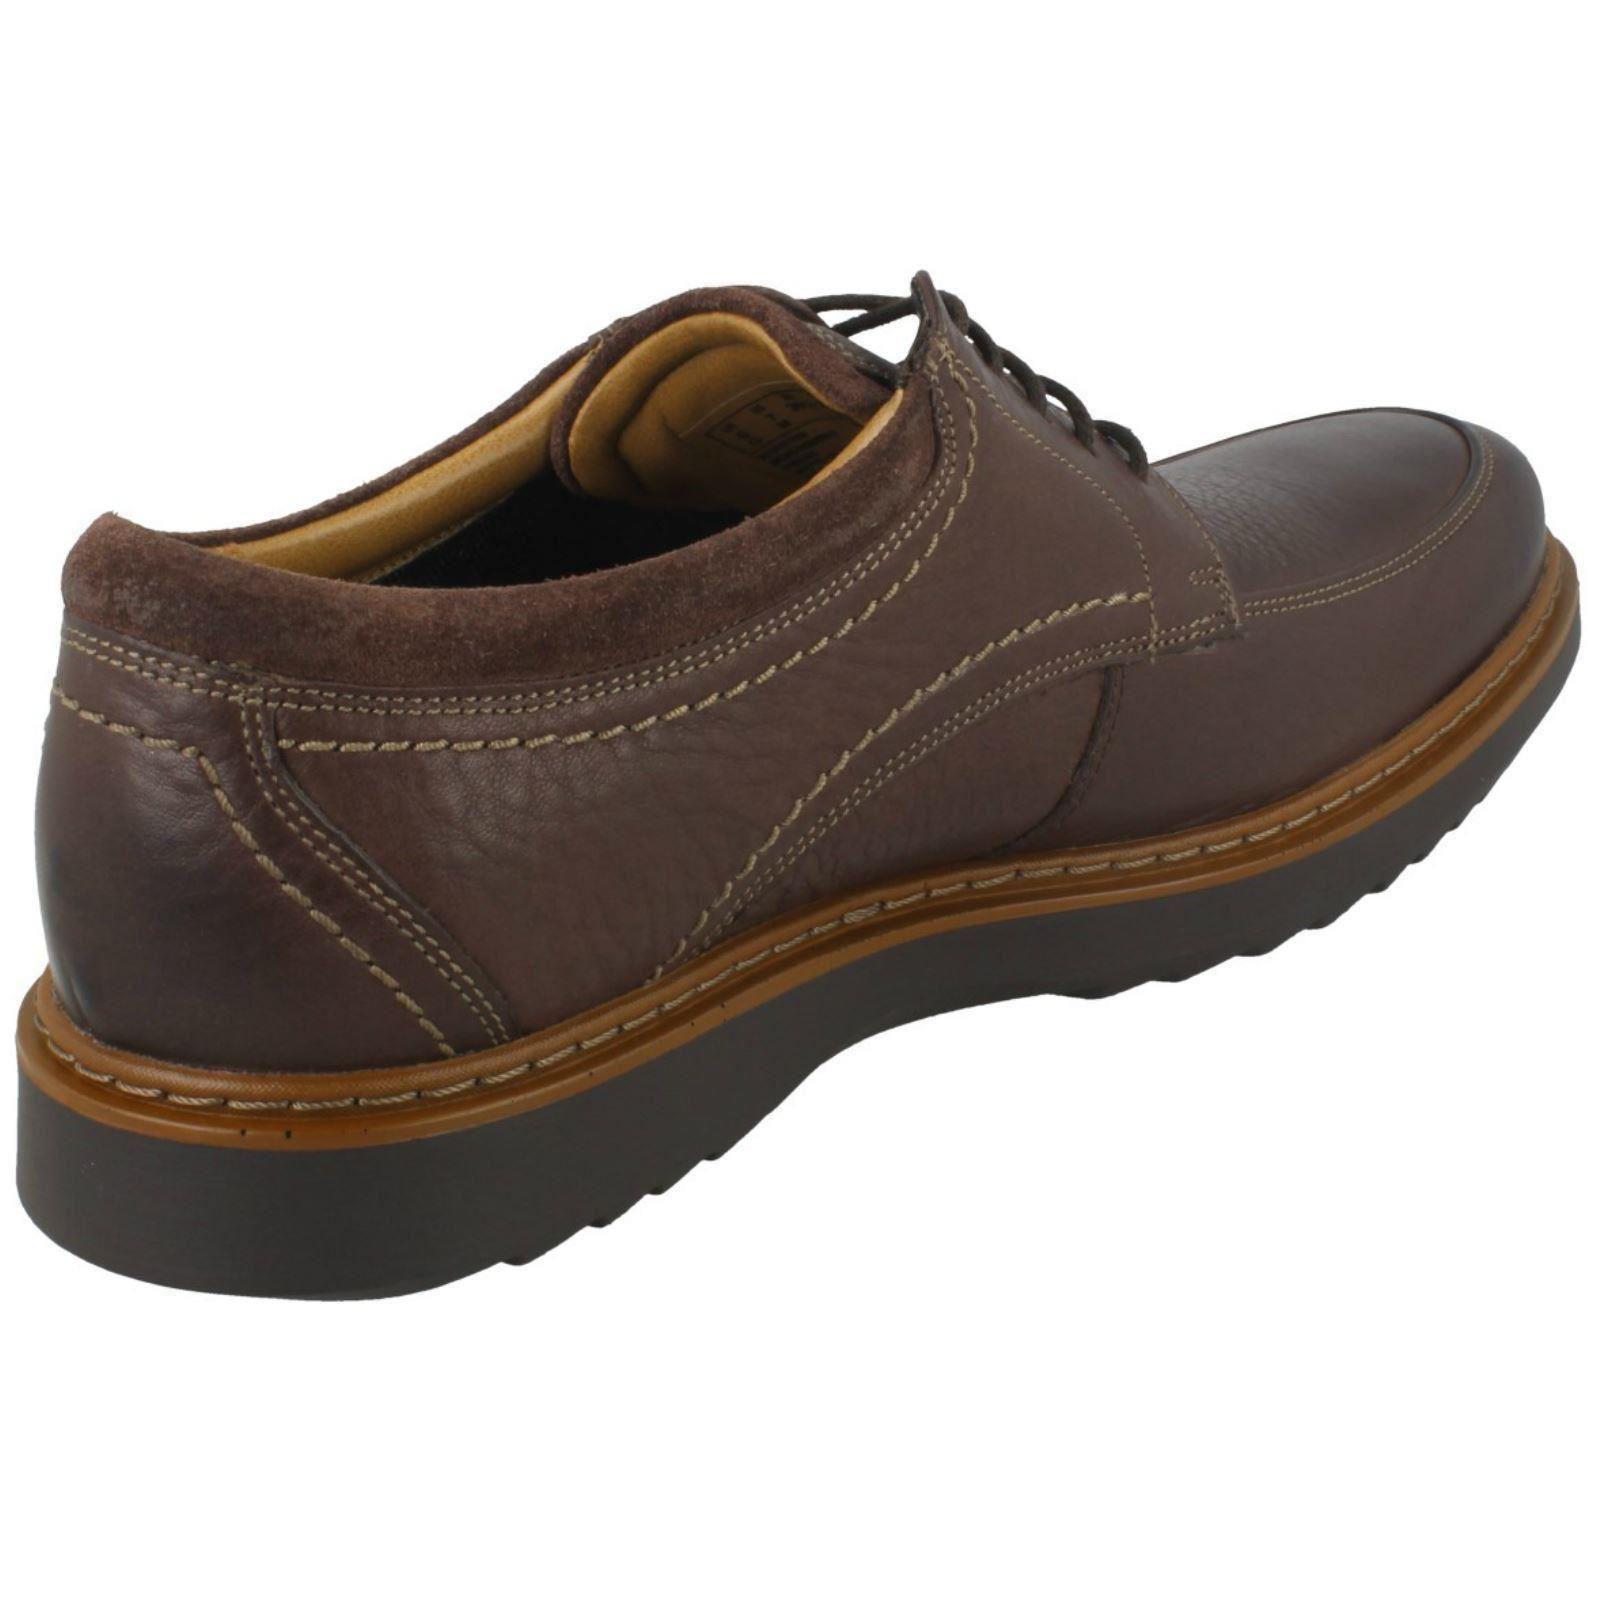 Hombre Estructura Zapatos Geo Lo ' Casuales Clarks Sin Con Onu Cordones De TT1qnr7